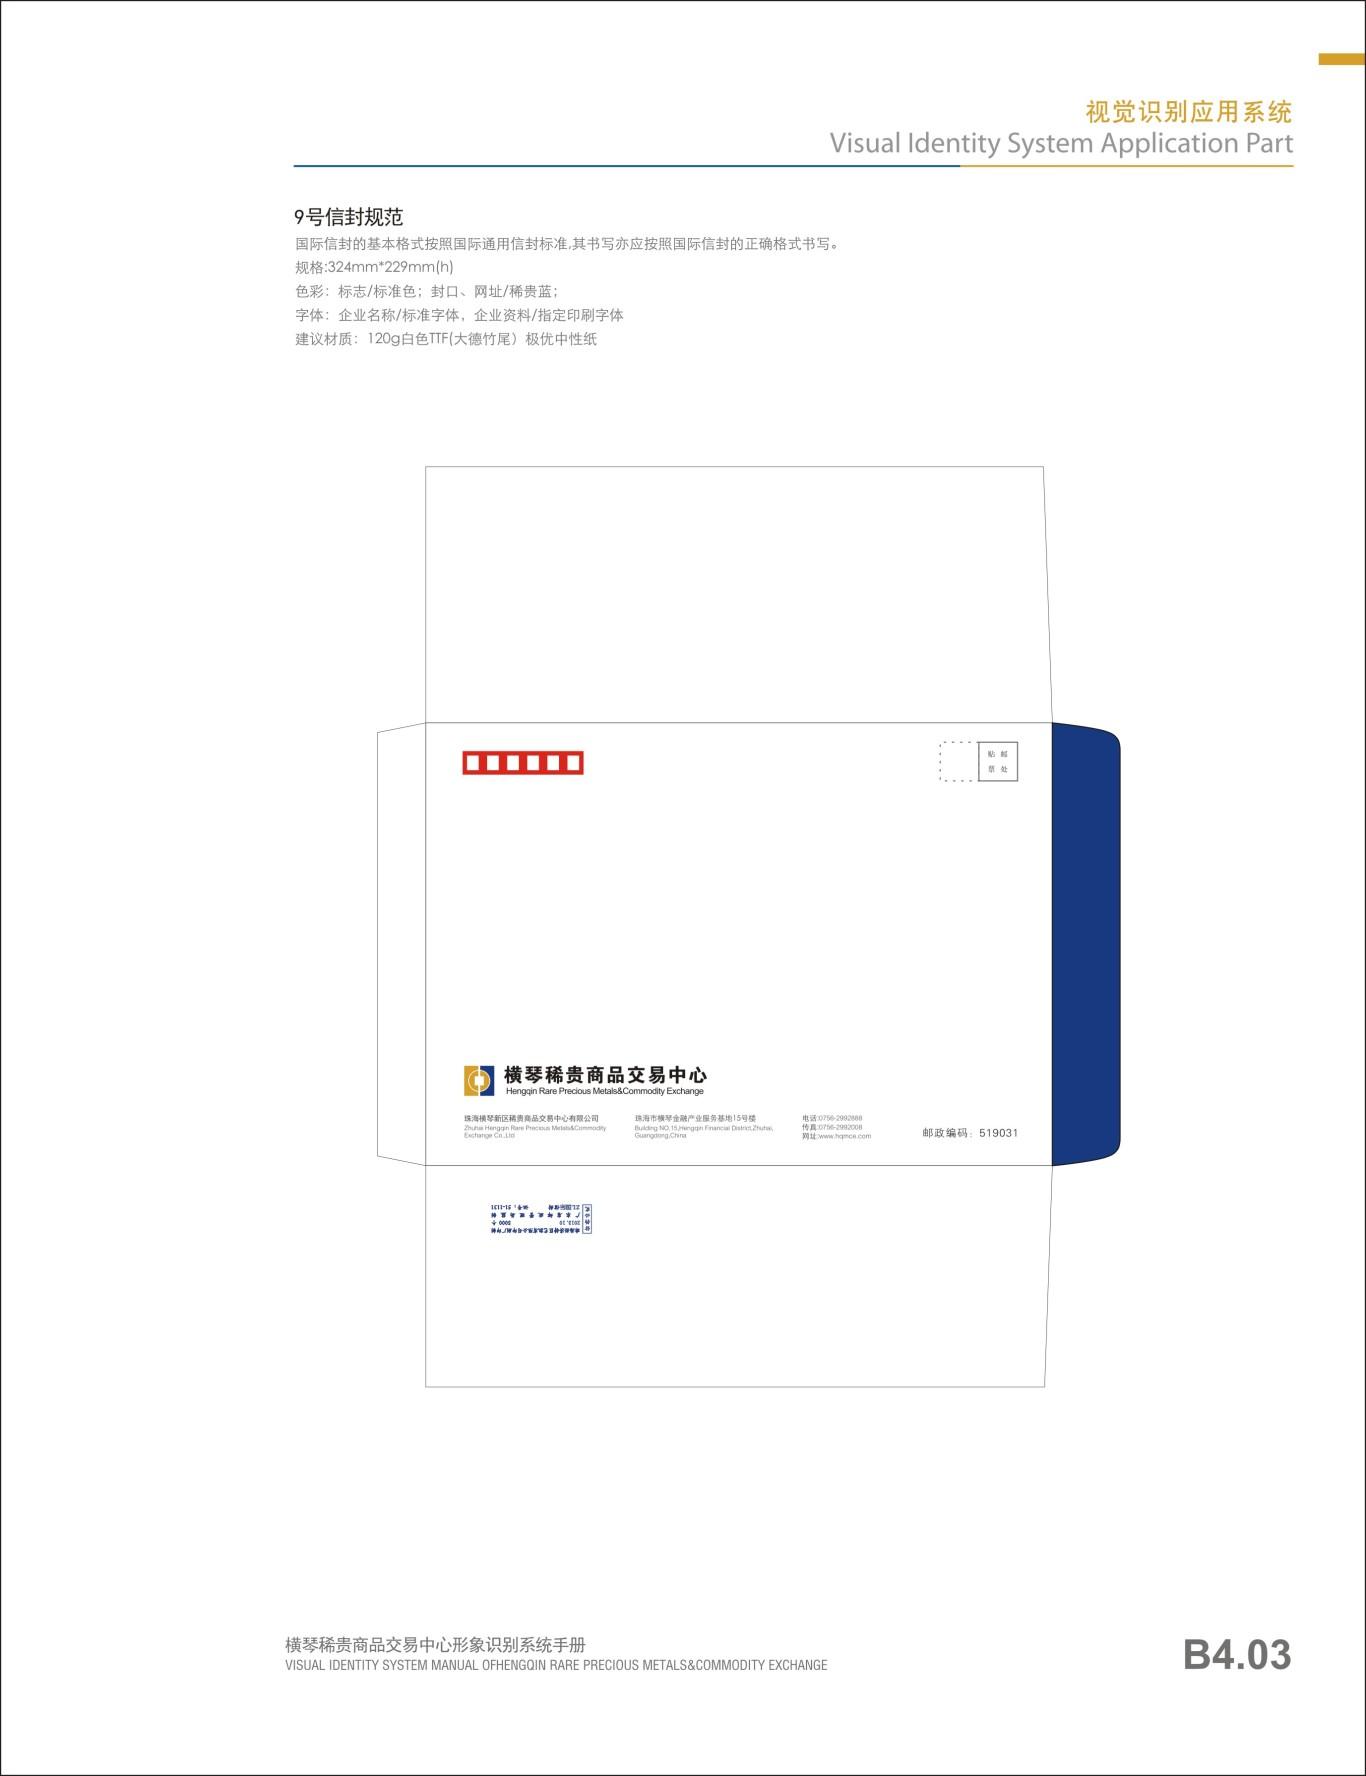 贵金属行业横琴稀贵VI手册设计图20